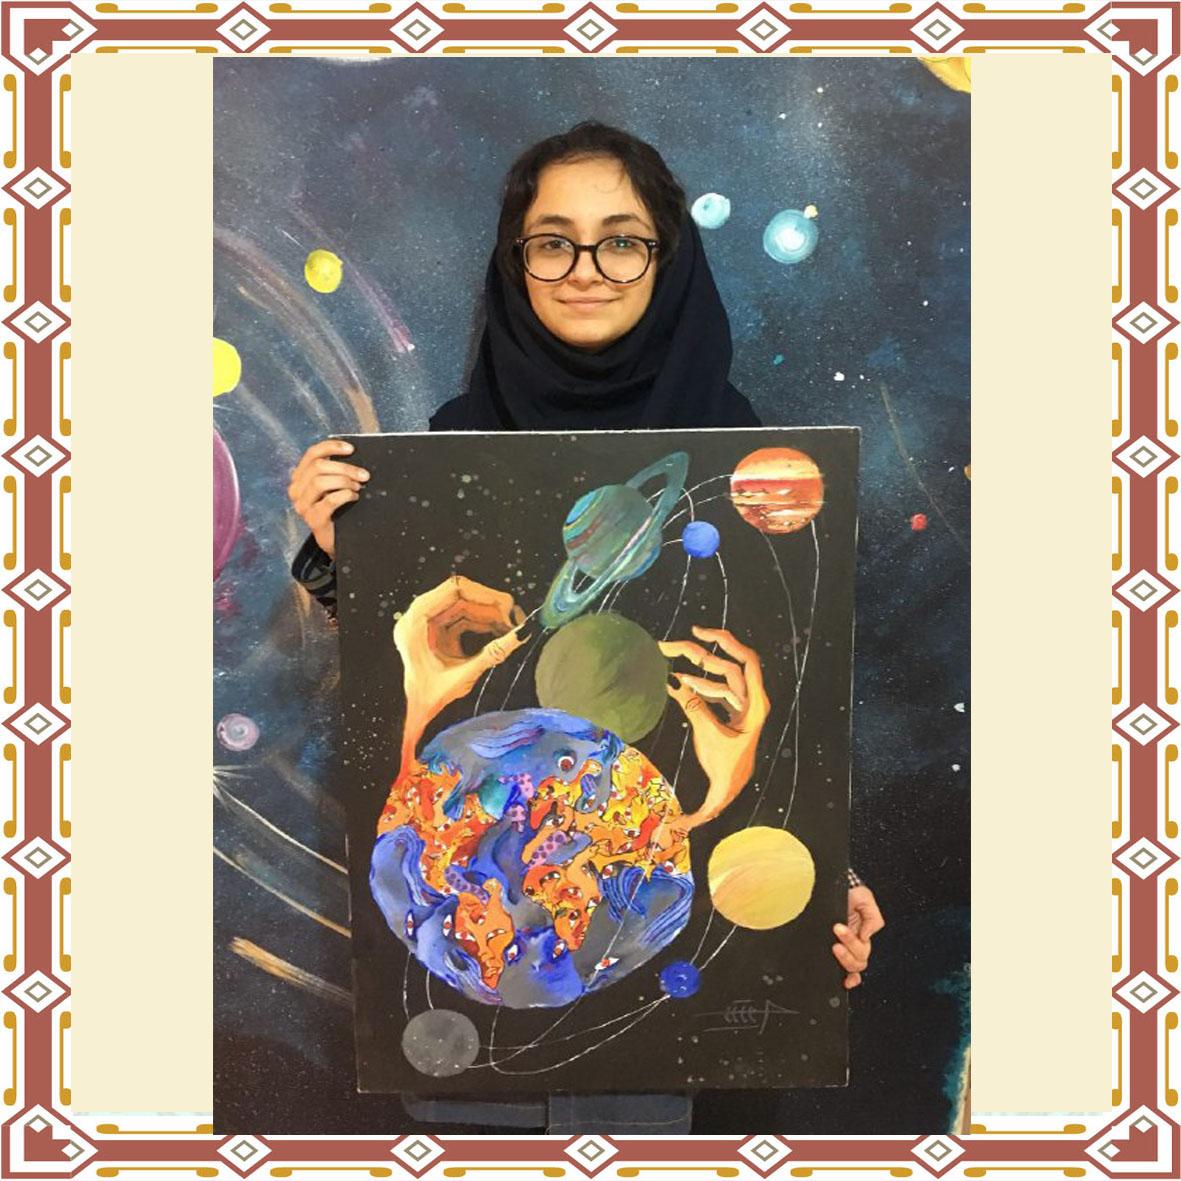 درخشش دختر عزیزمان آیلین مرندی در فراخوان بین المللی نقاشی